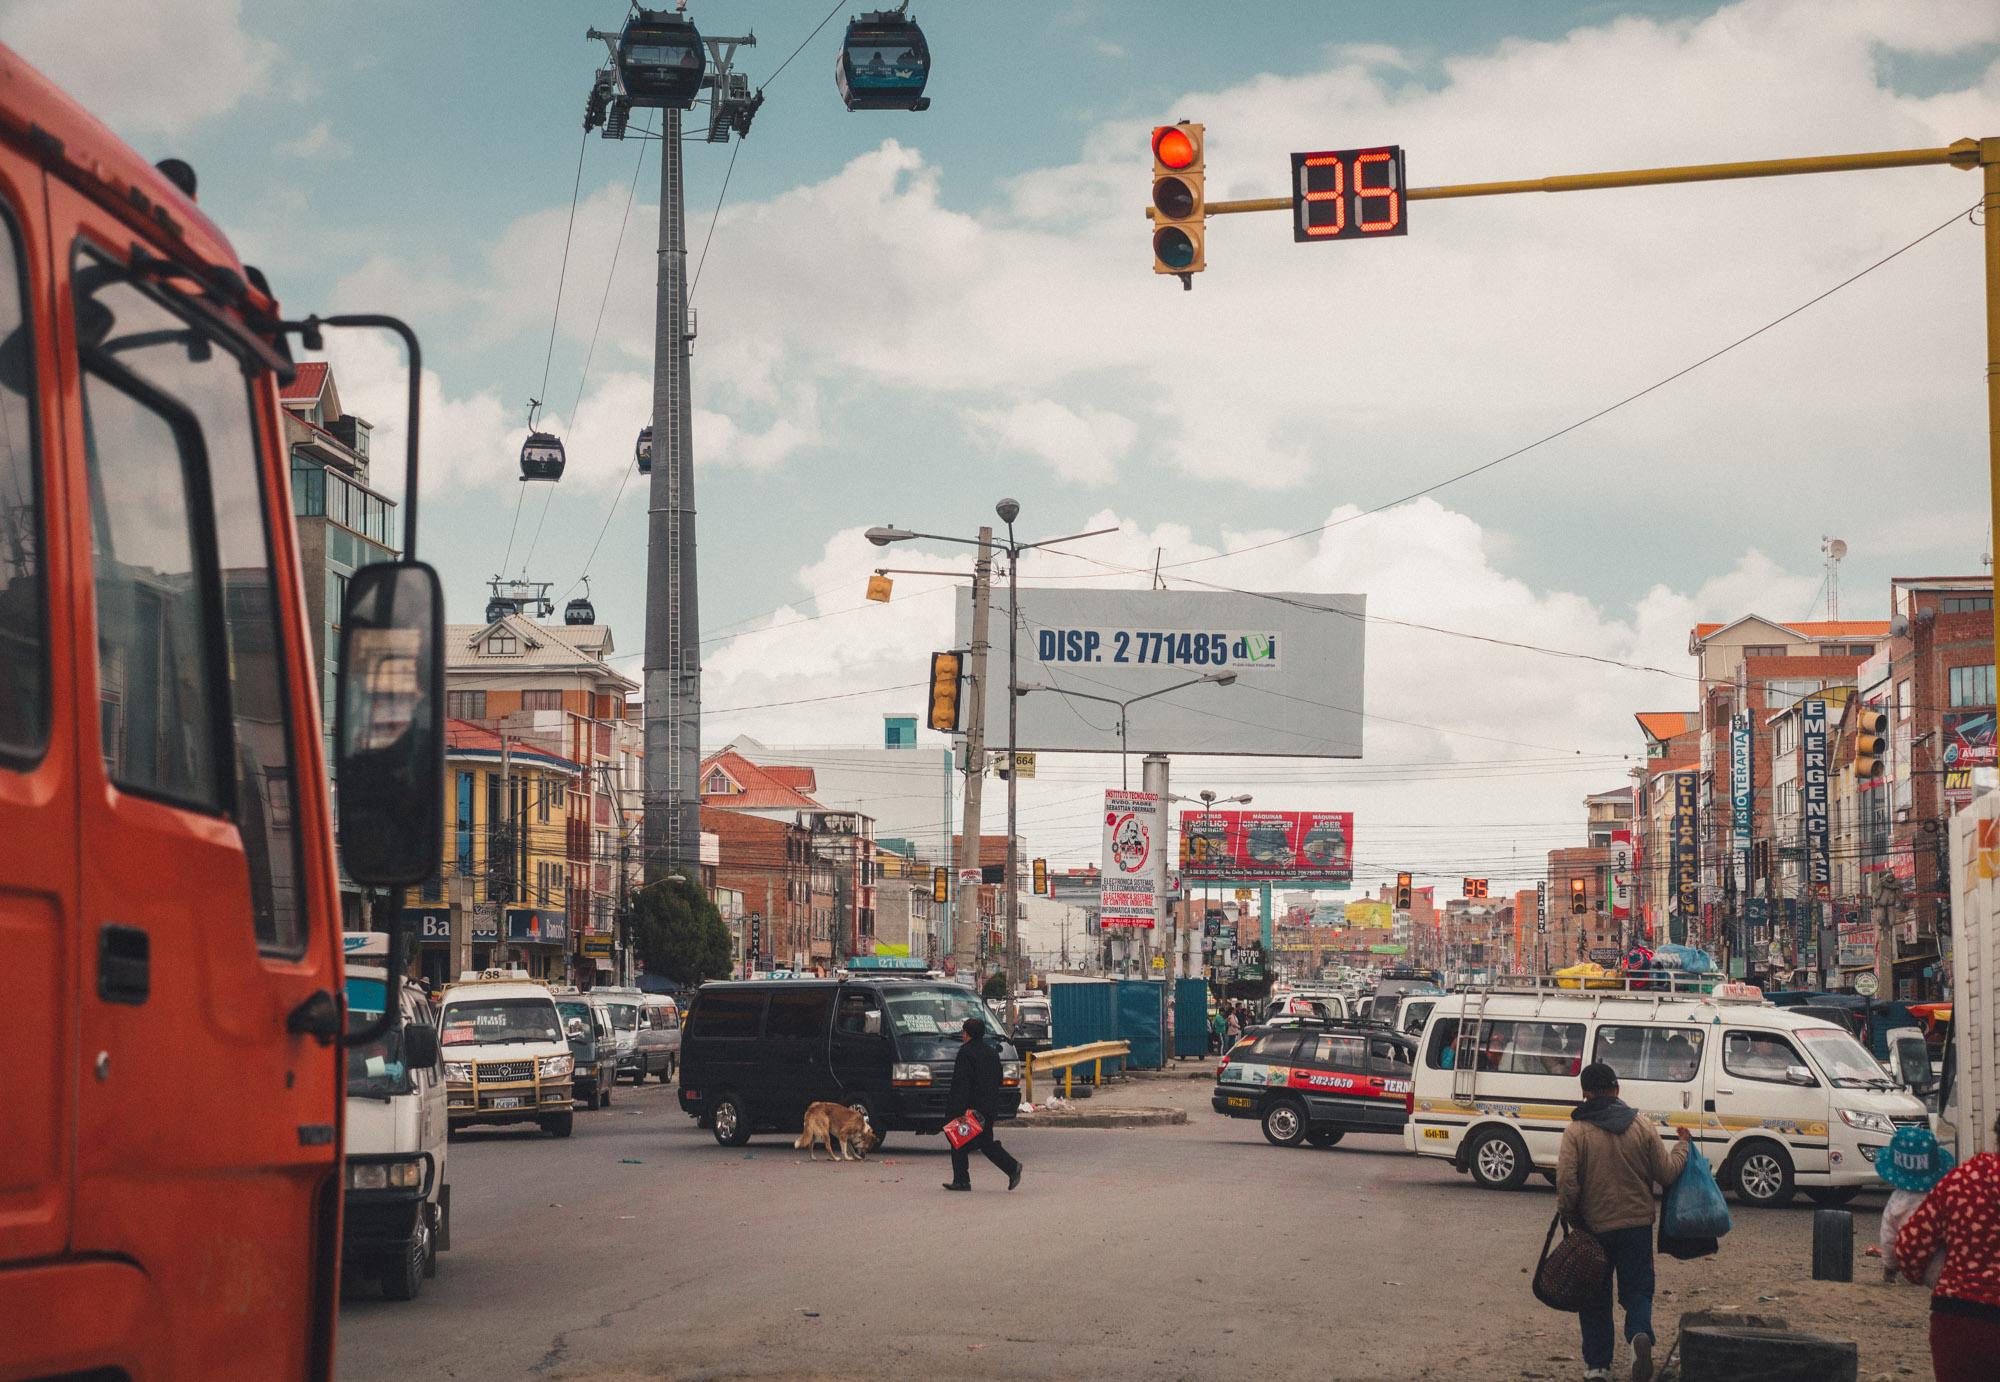 Avenida Juan Pablo II, the main road through El Alto towards La Paz.